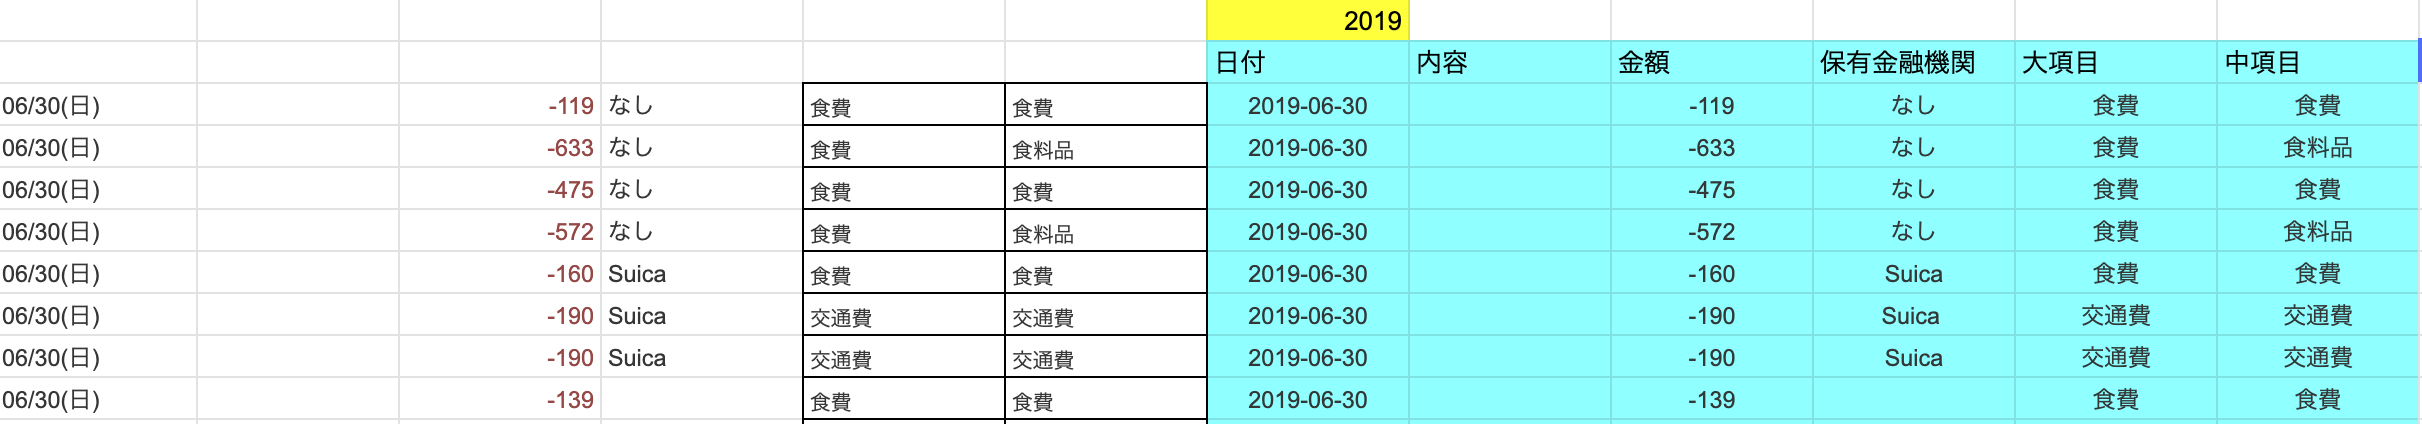 スクリーンショット 2019-07-15 14.14.46.png